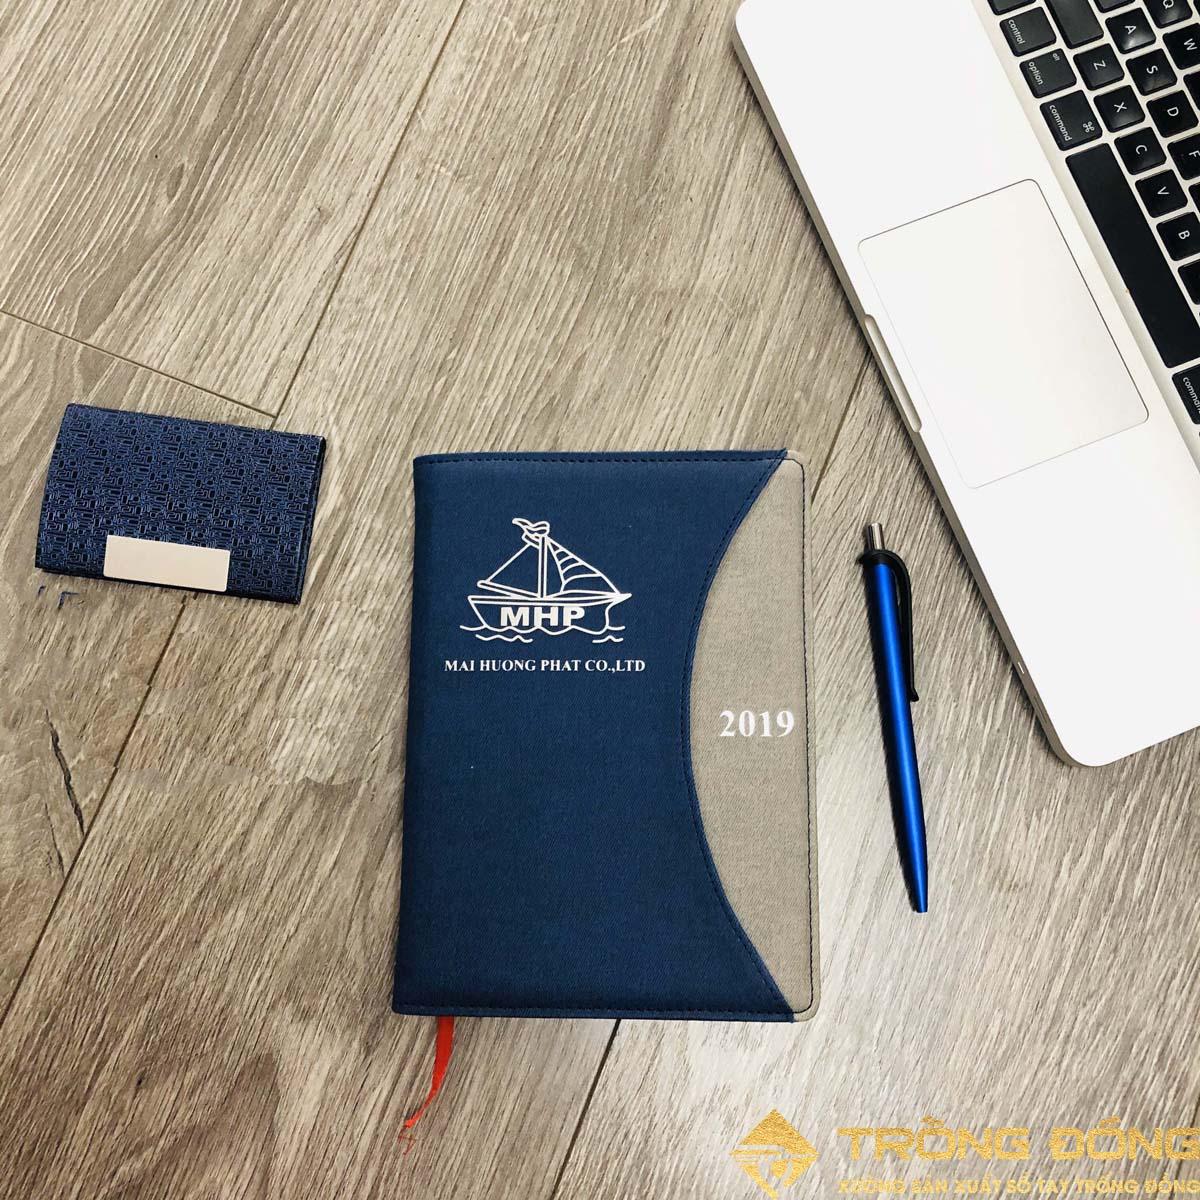 Sổ tay bìa da lò xo Mai Hương Phát 206